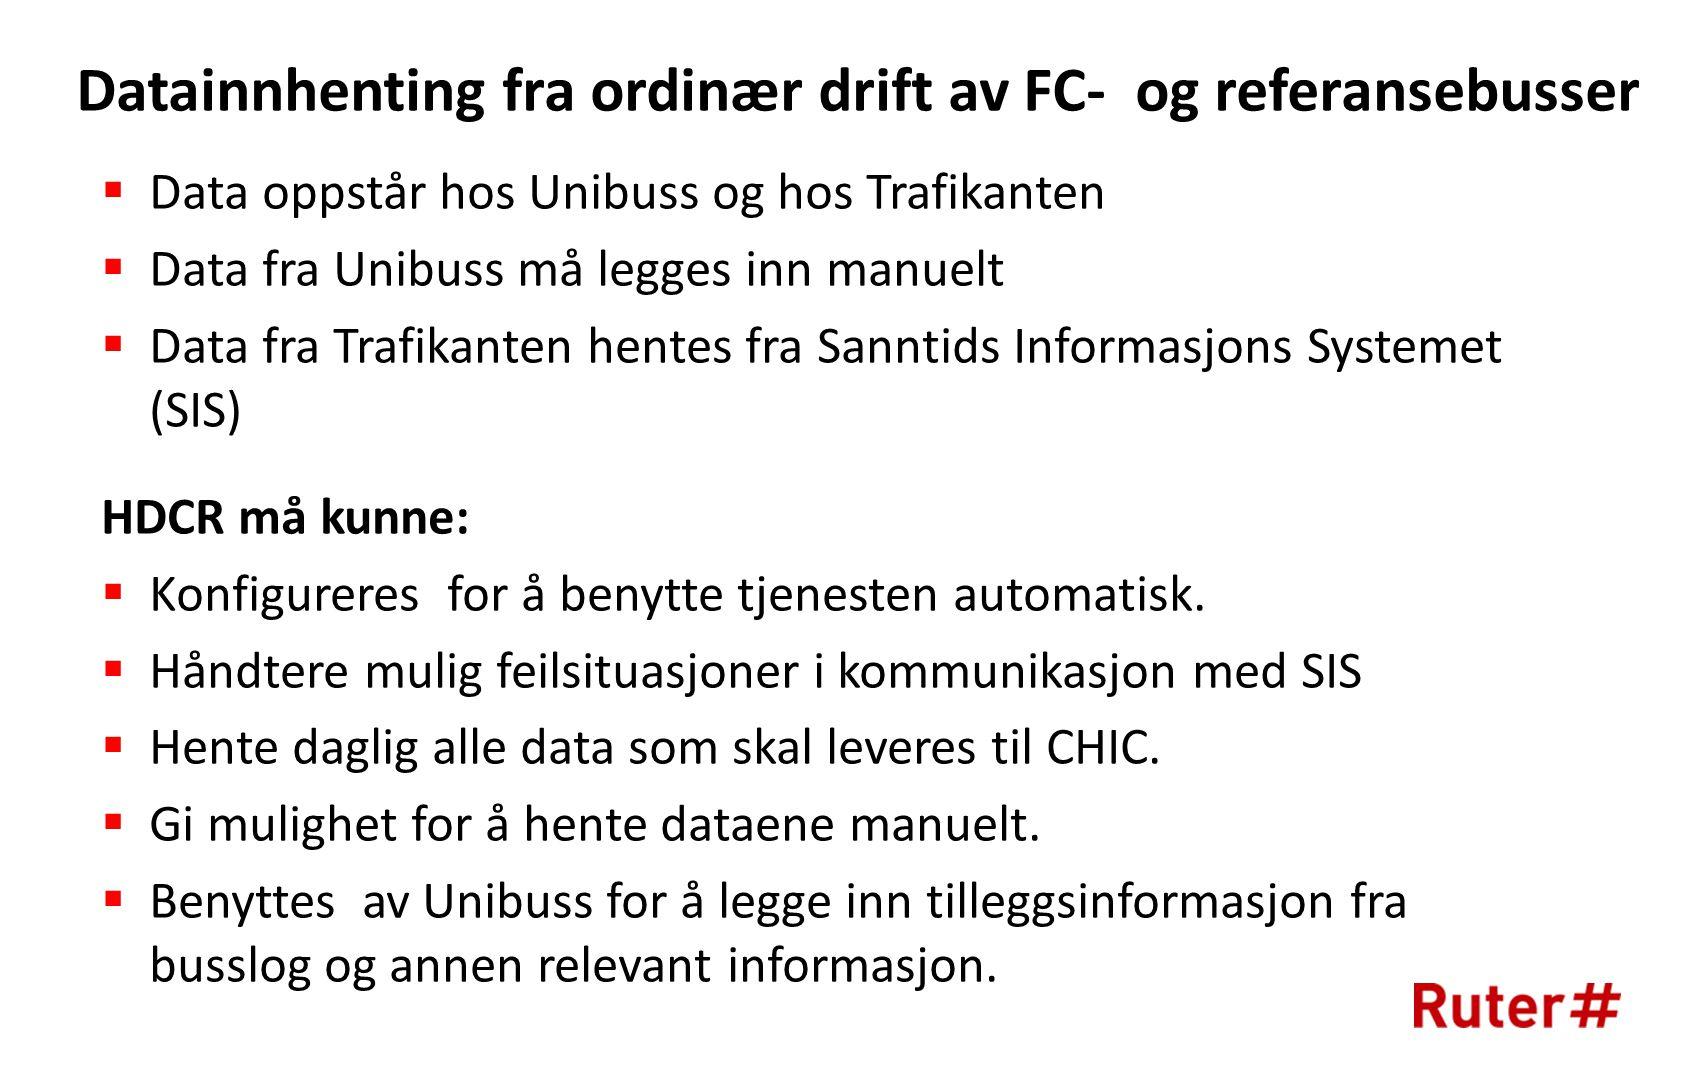 Datainnhenting fra ordinær drift av FC- og referansebusser